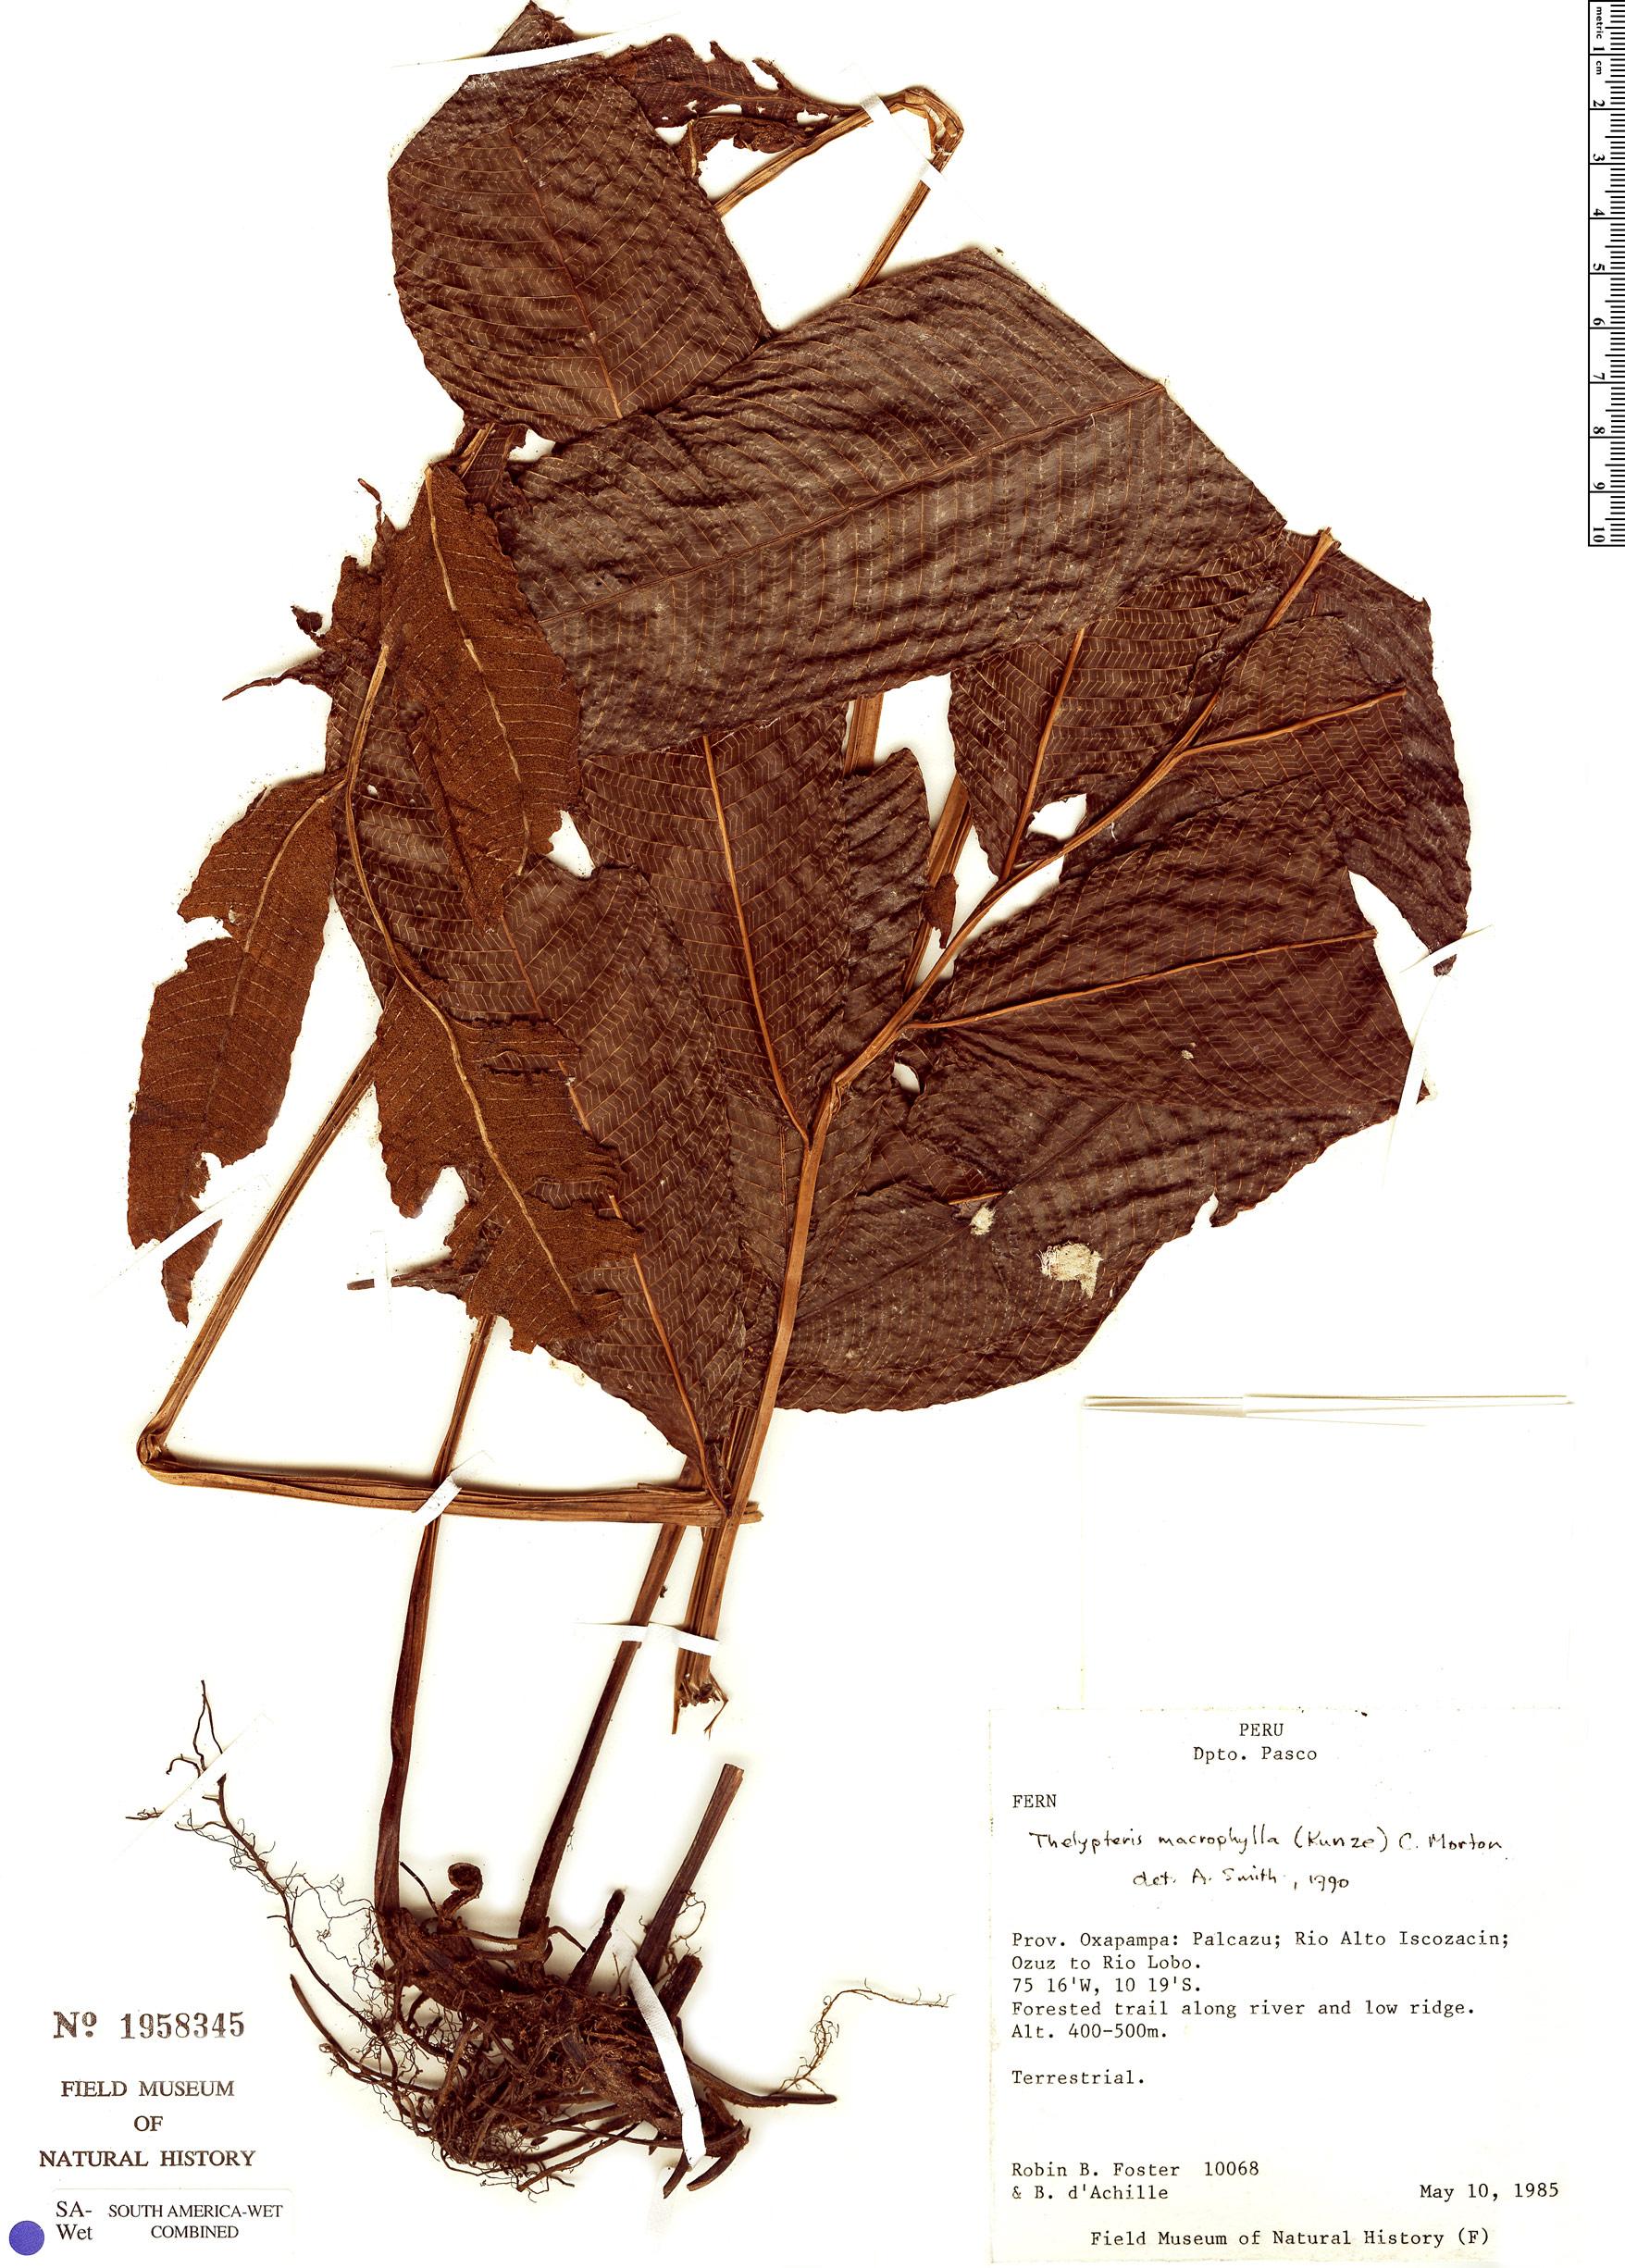 Specimen: Thelypteris macrophylla